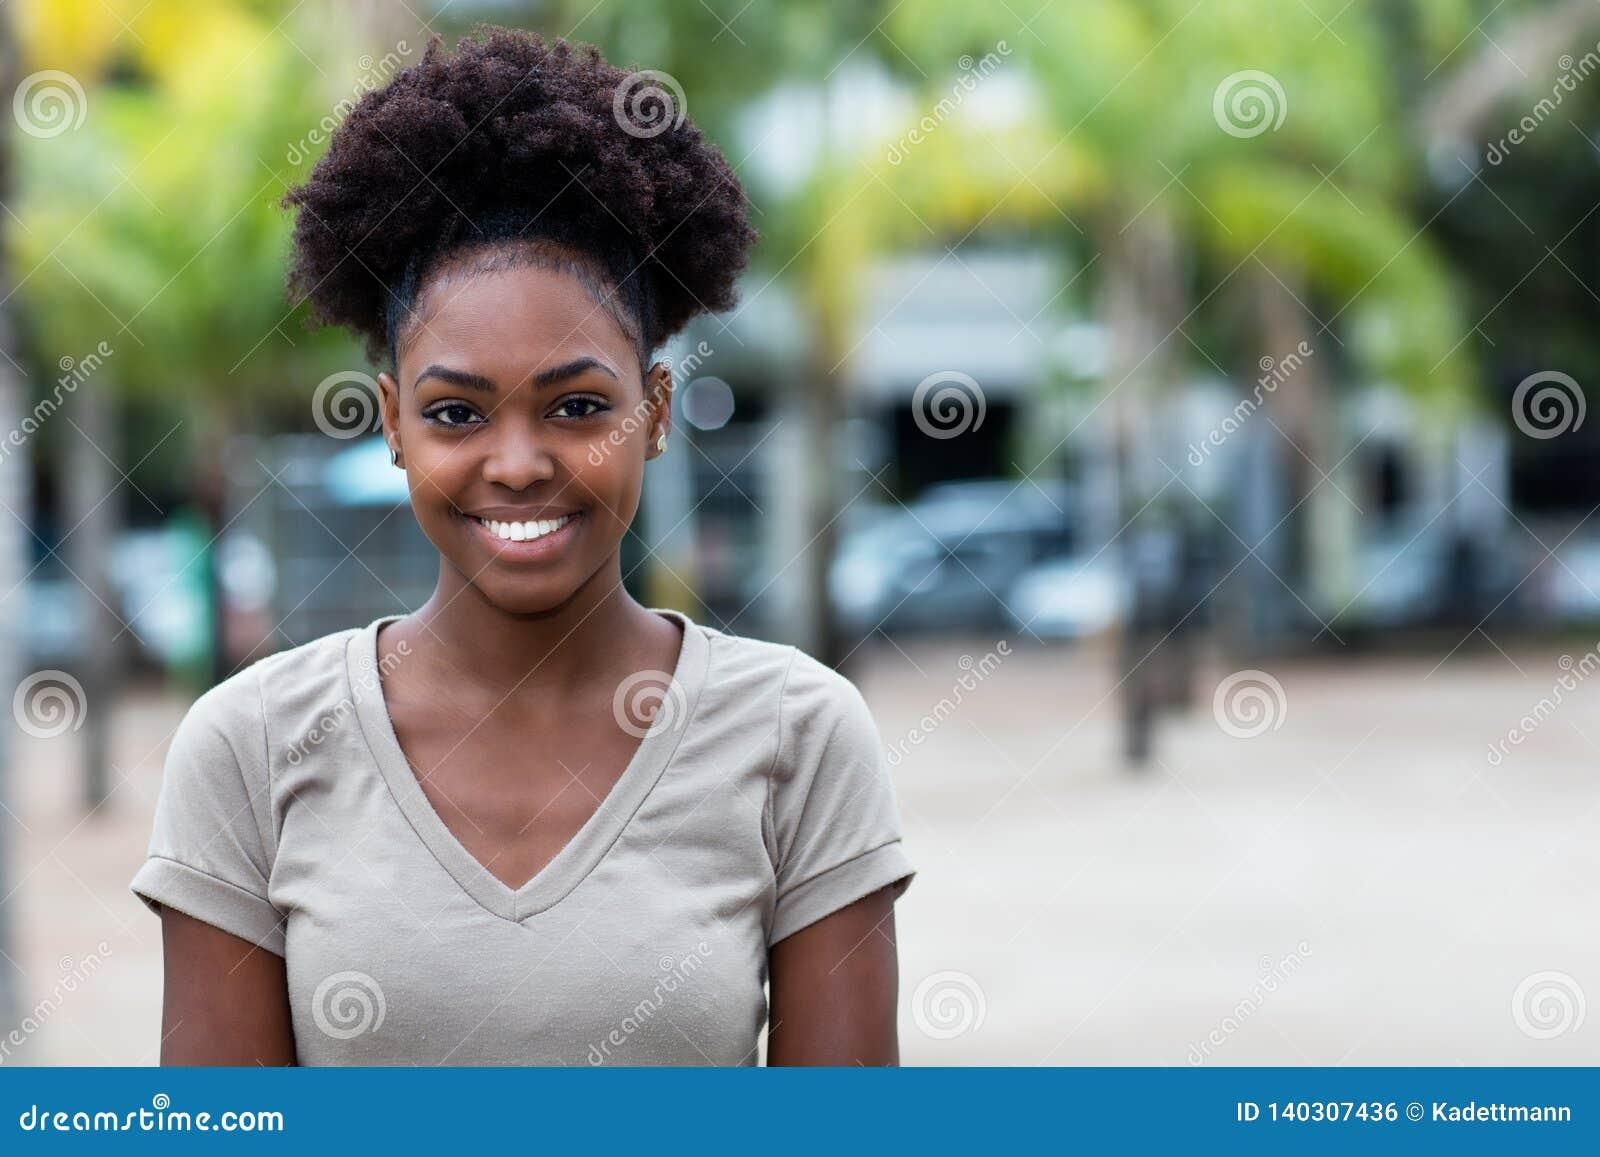 Femme des Caraïbes riante avec les cheveux Afro